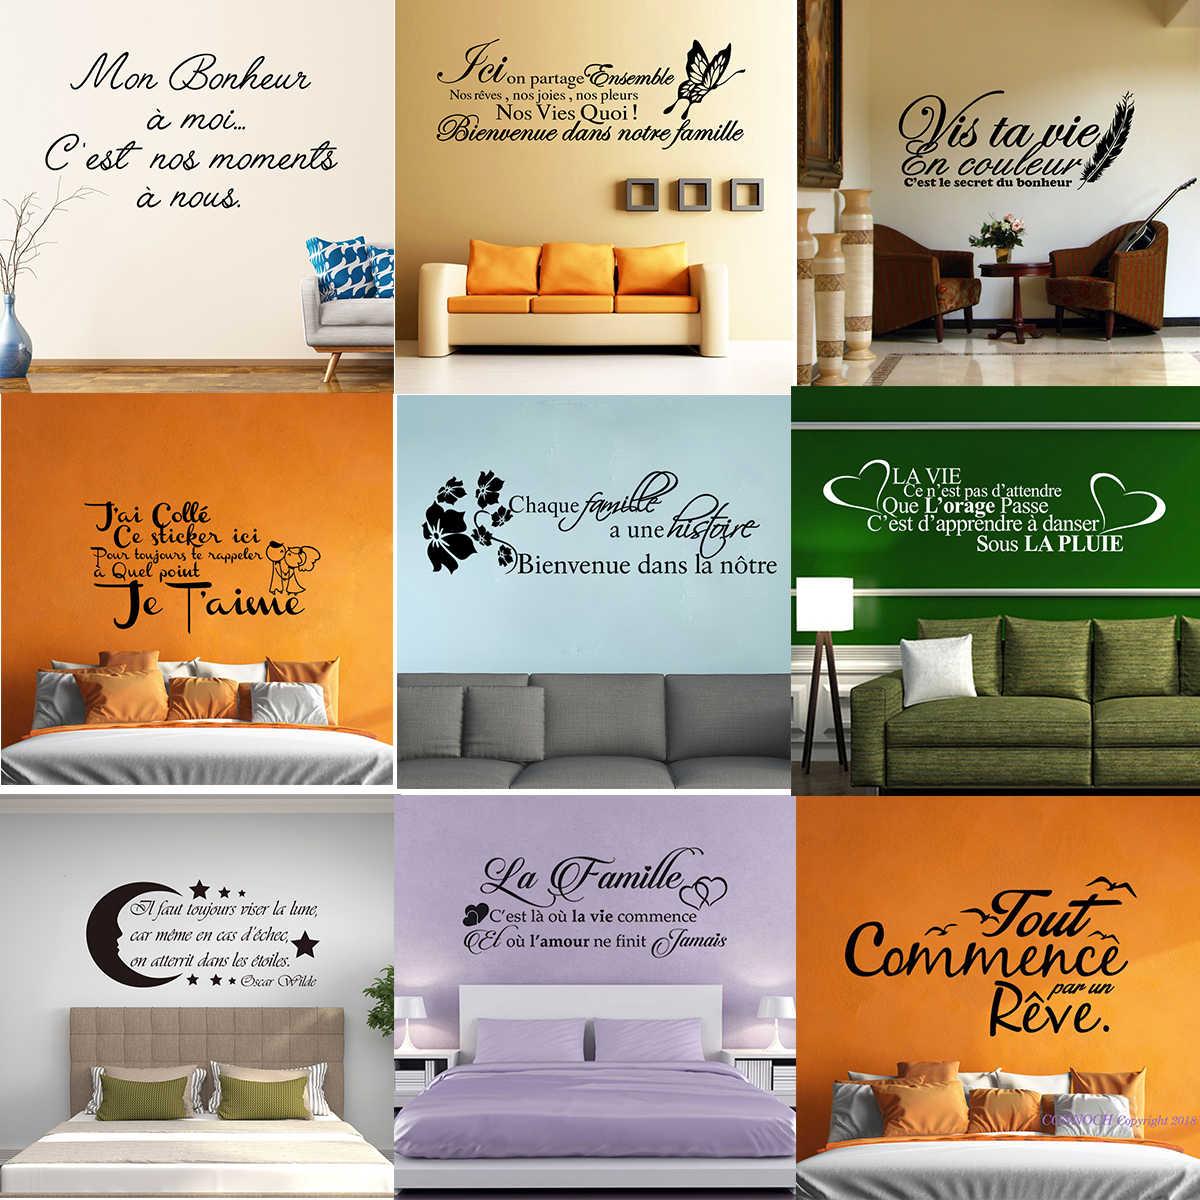 Stickers Muraux Bonheur Citation Decoration Maison Stickers Deco